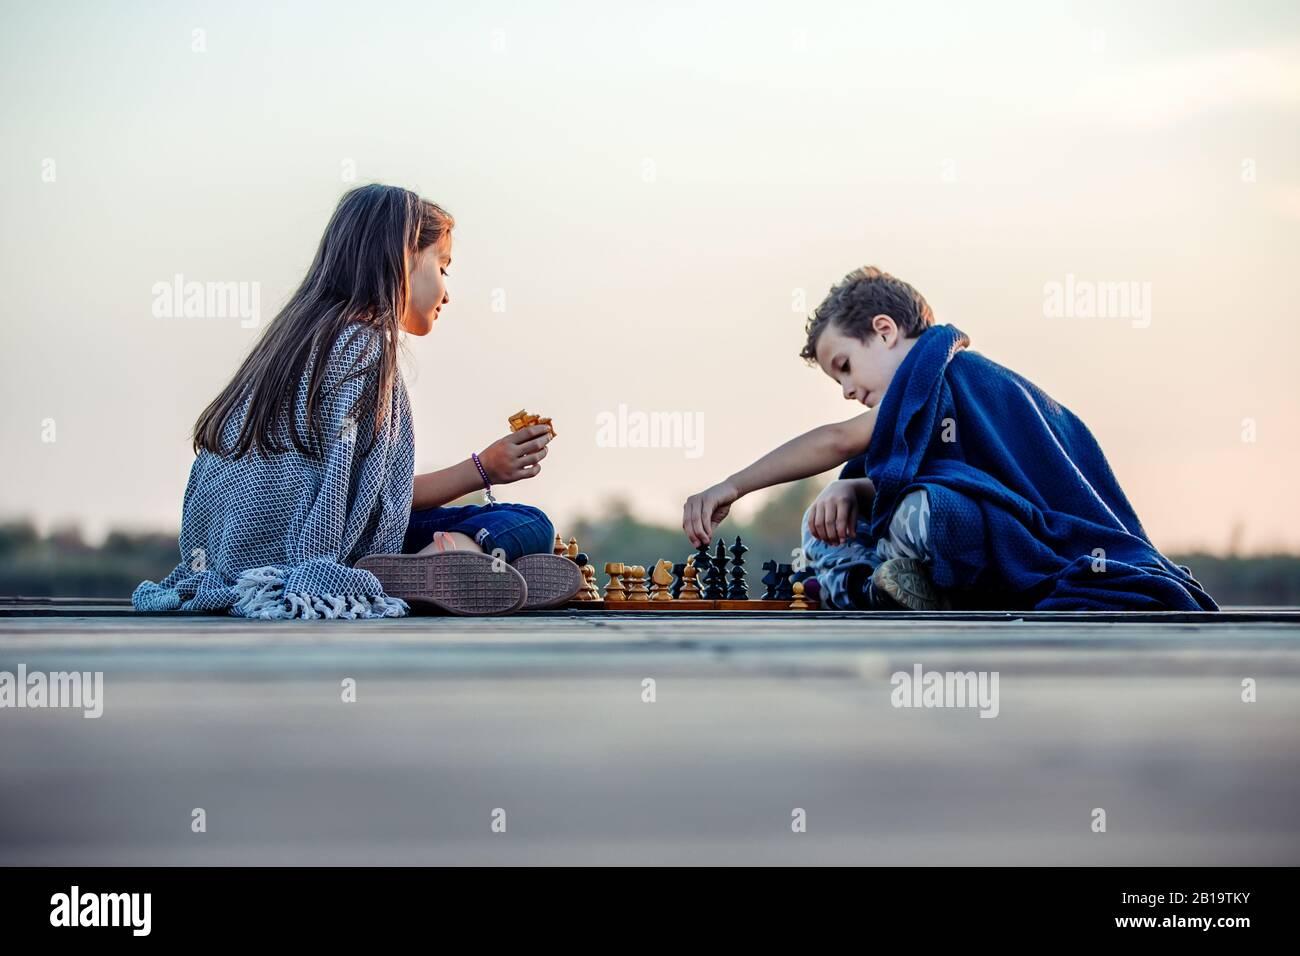 Deux jeunes petits amis mignons, un garçon et une fille qui s'amusent en jouant aux échecs assis près du lac le soir. Les enfants jouent. Amitié. Banque D'Images